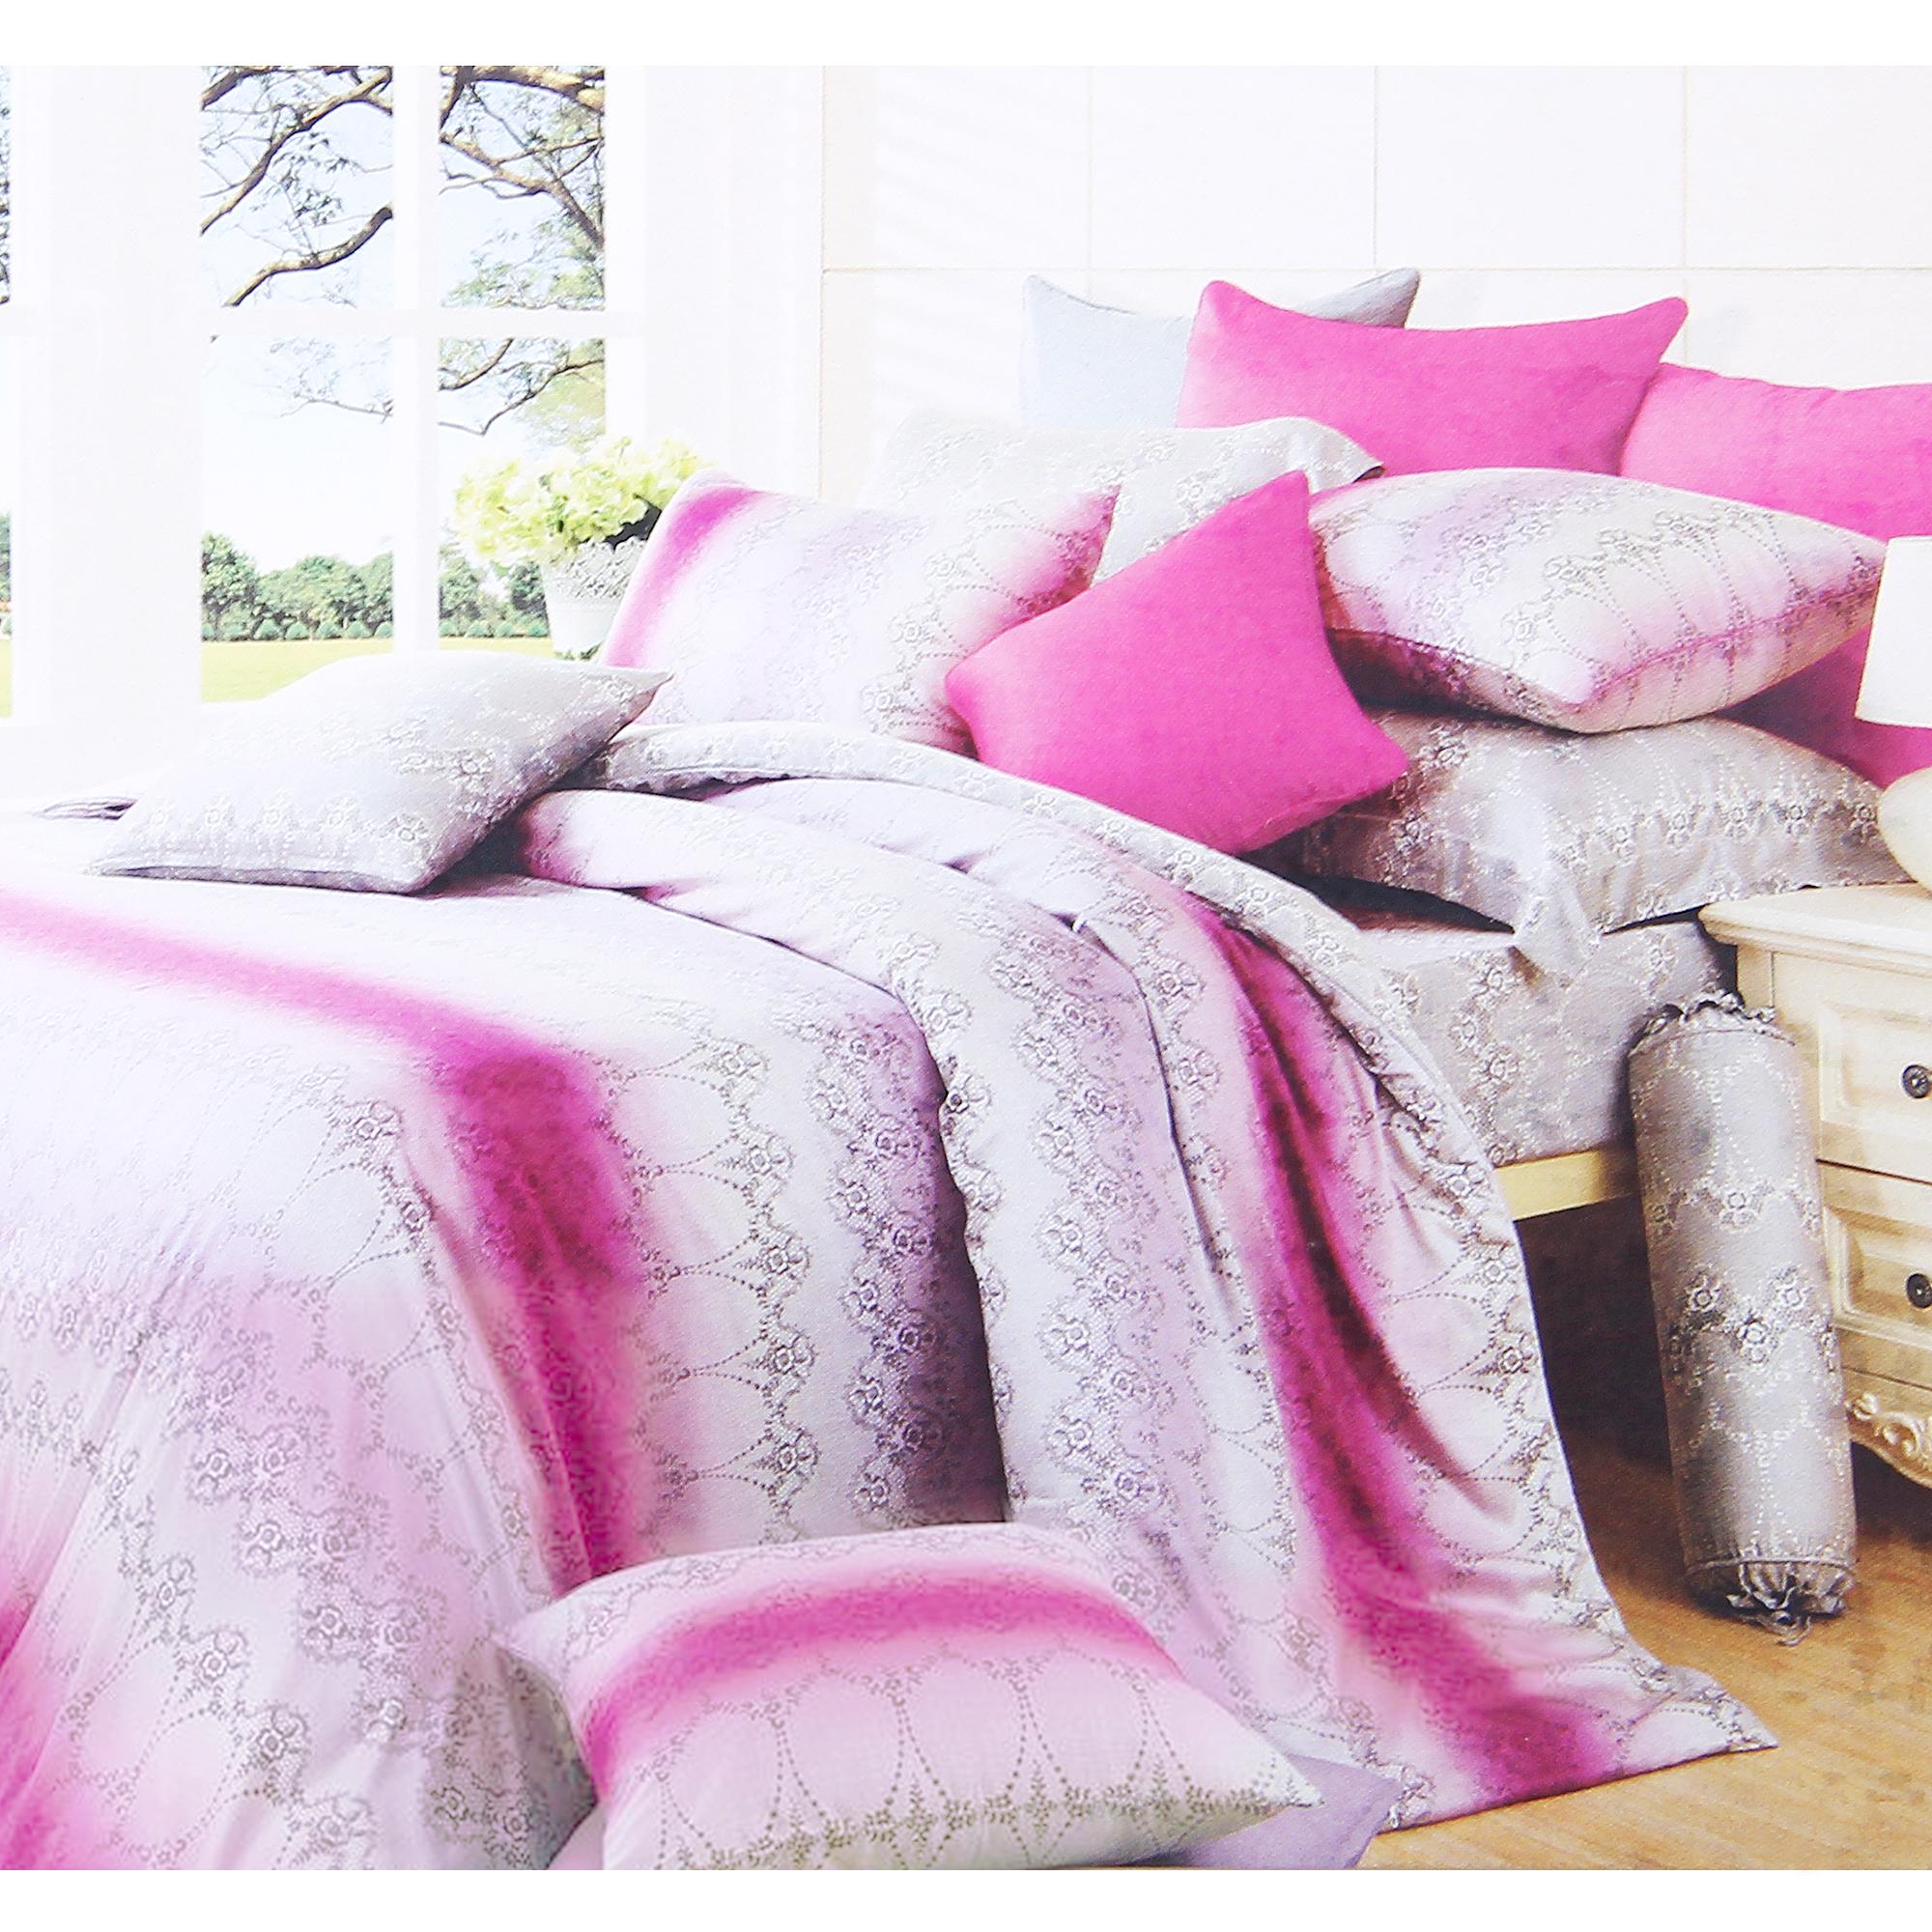 Купить Постельный комплект семейный Afontane, постельный комплект, Австрия, смесовая